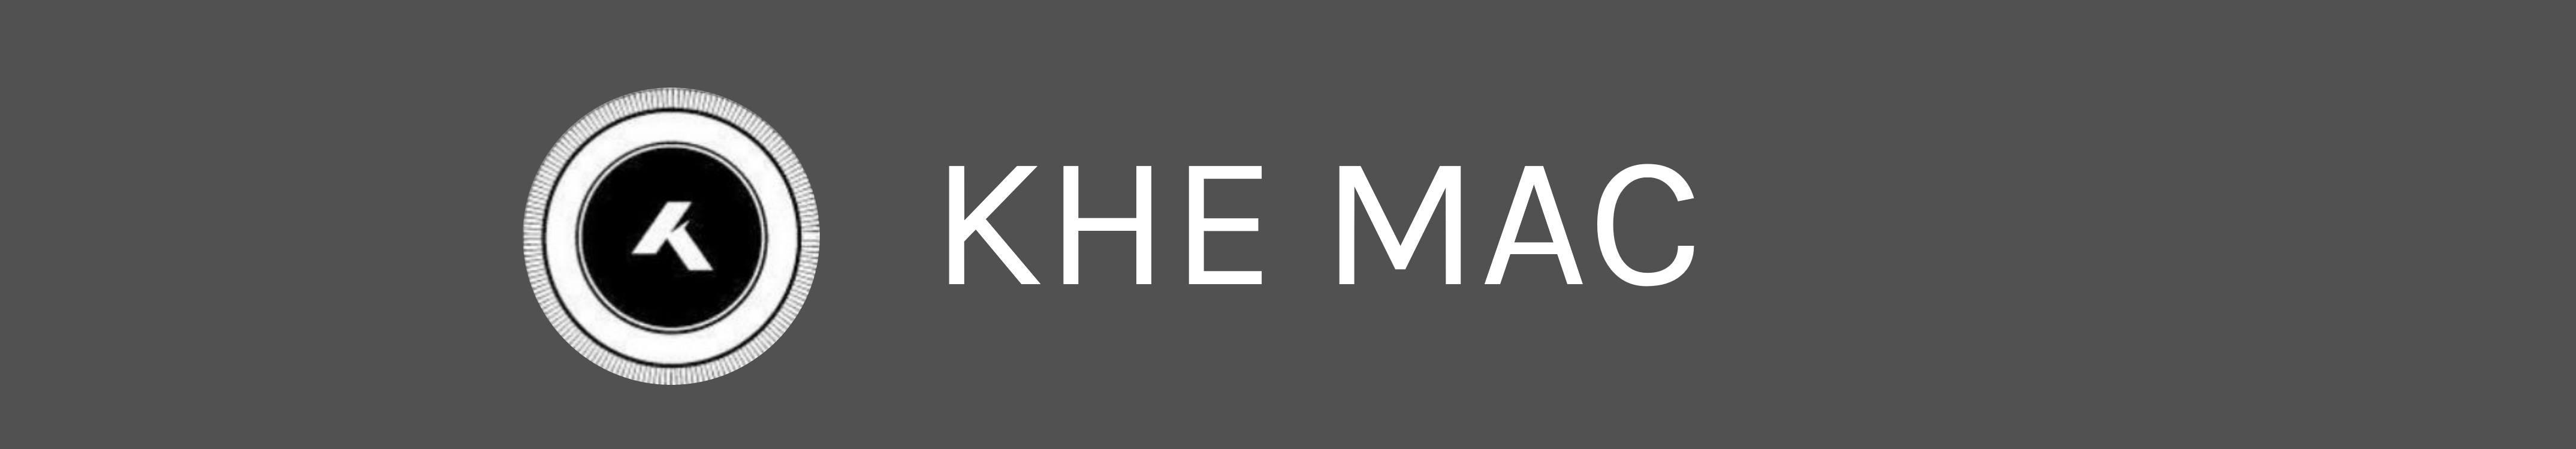 KHE-Banner-KHE-MAC